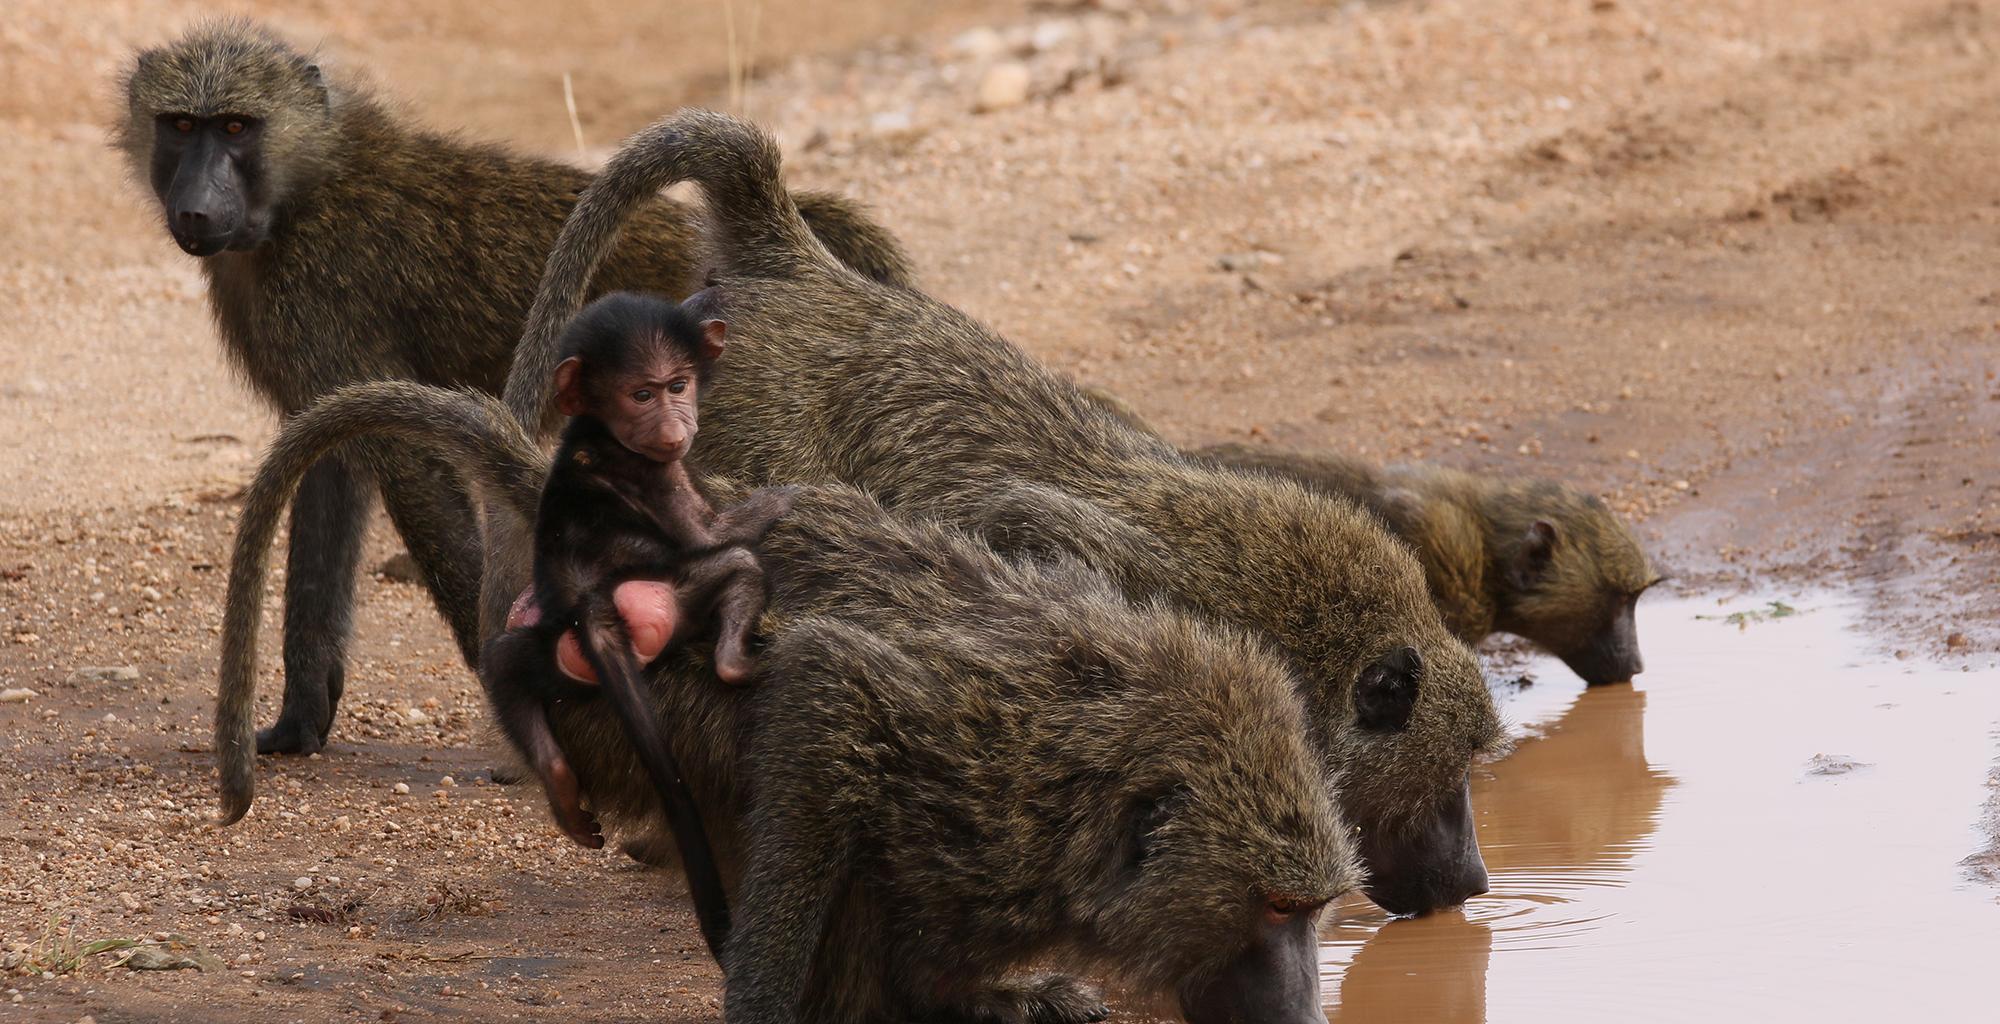 Kenya-Saruni-Samburu-Monkeys-Infant